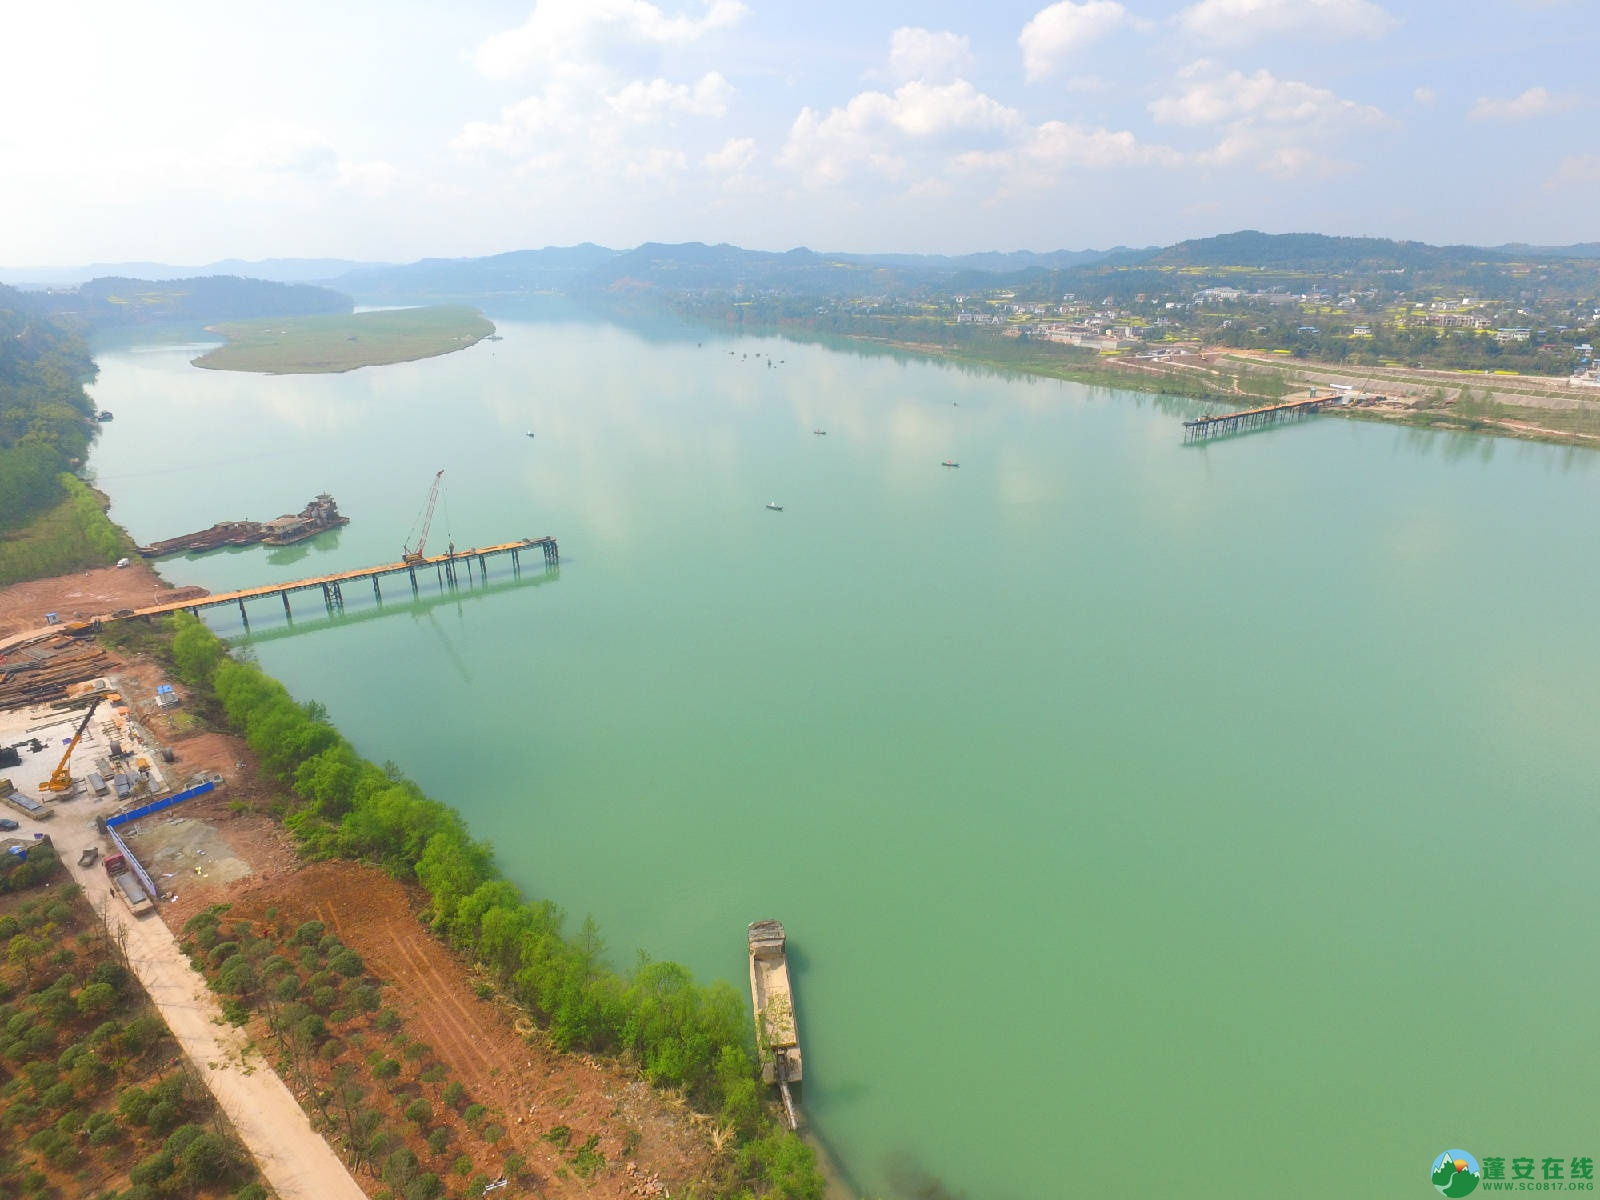 蓬安嘉陵江三桥新进展(2019.3.18) - 第1张  | 蓬安在线